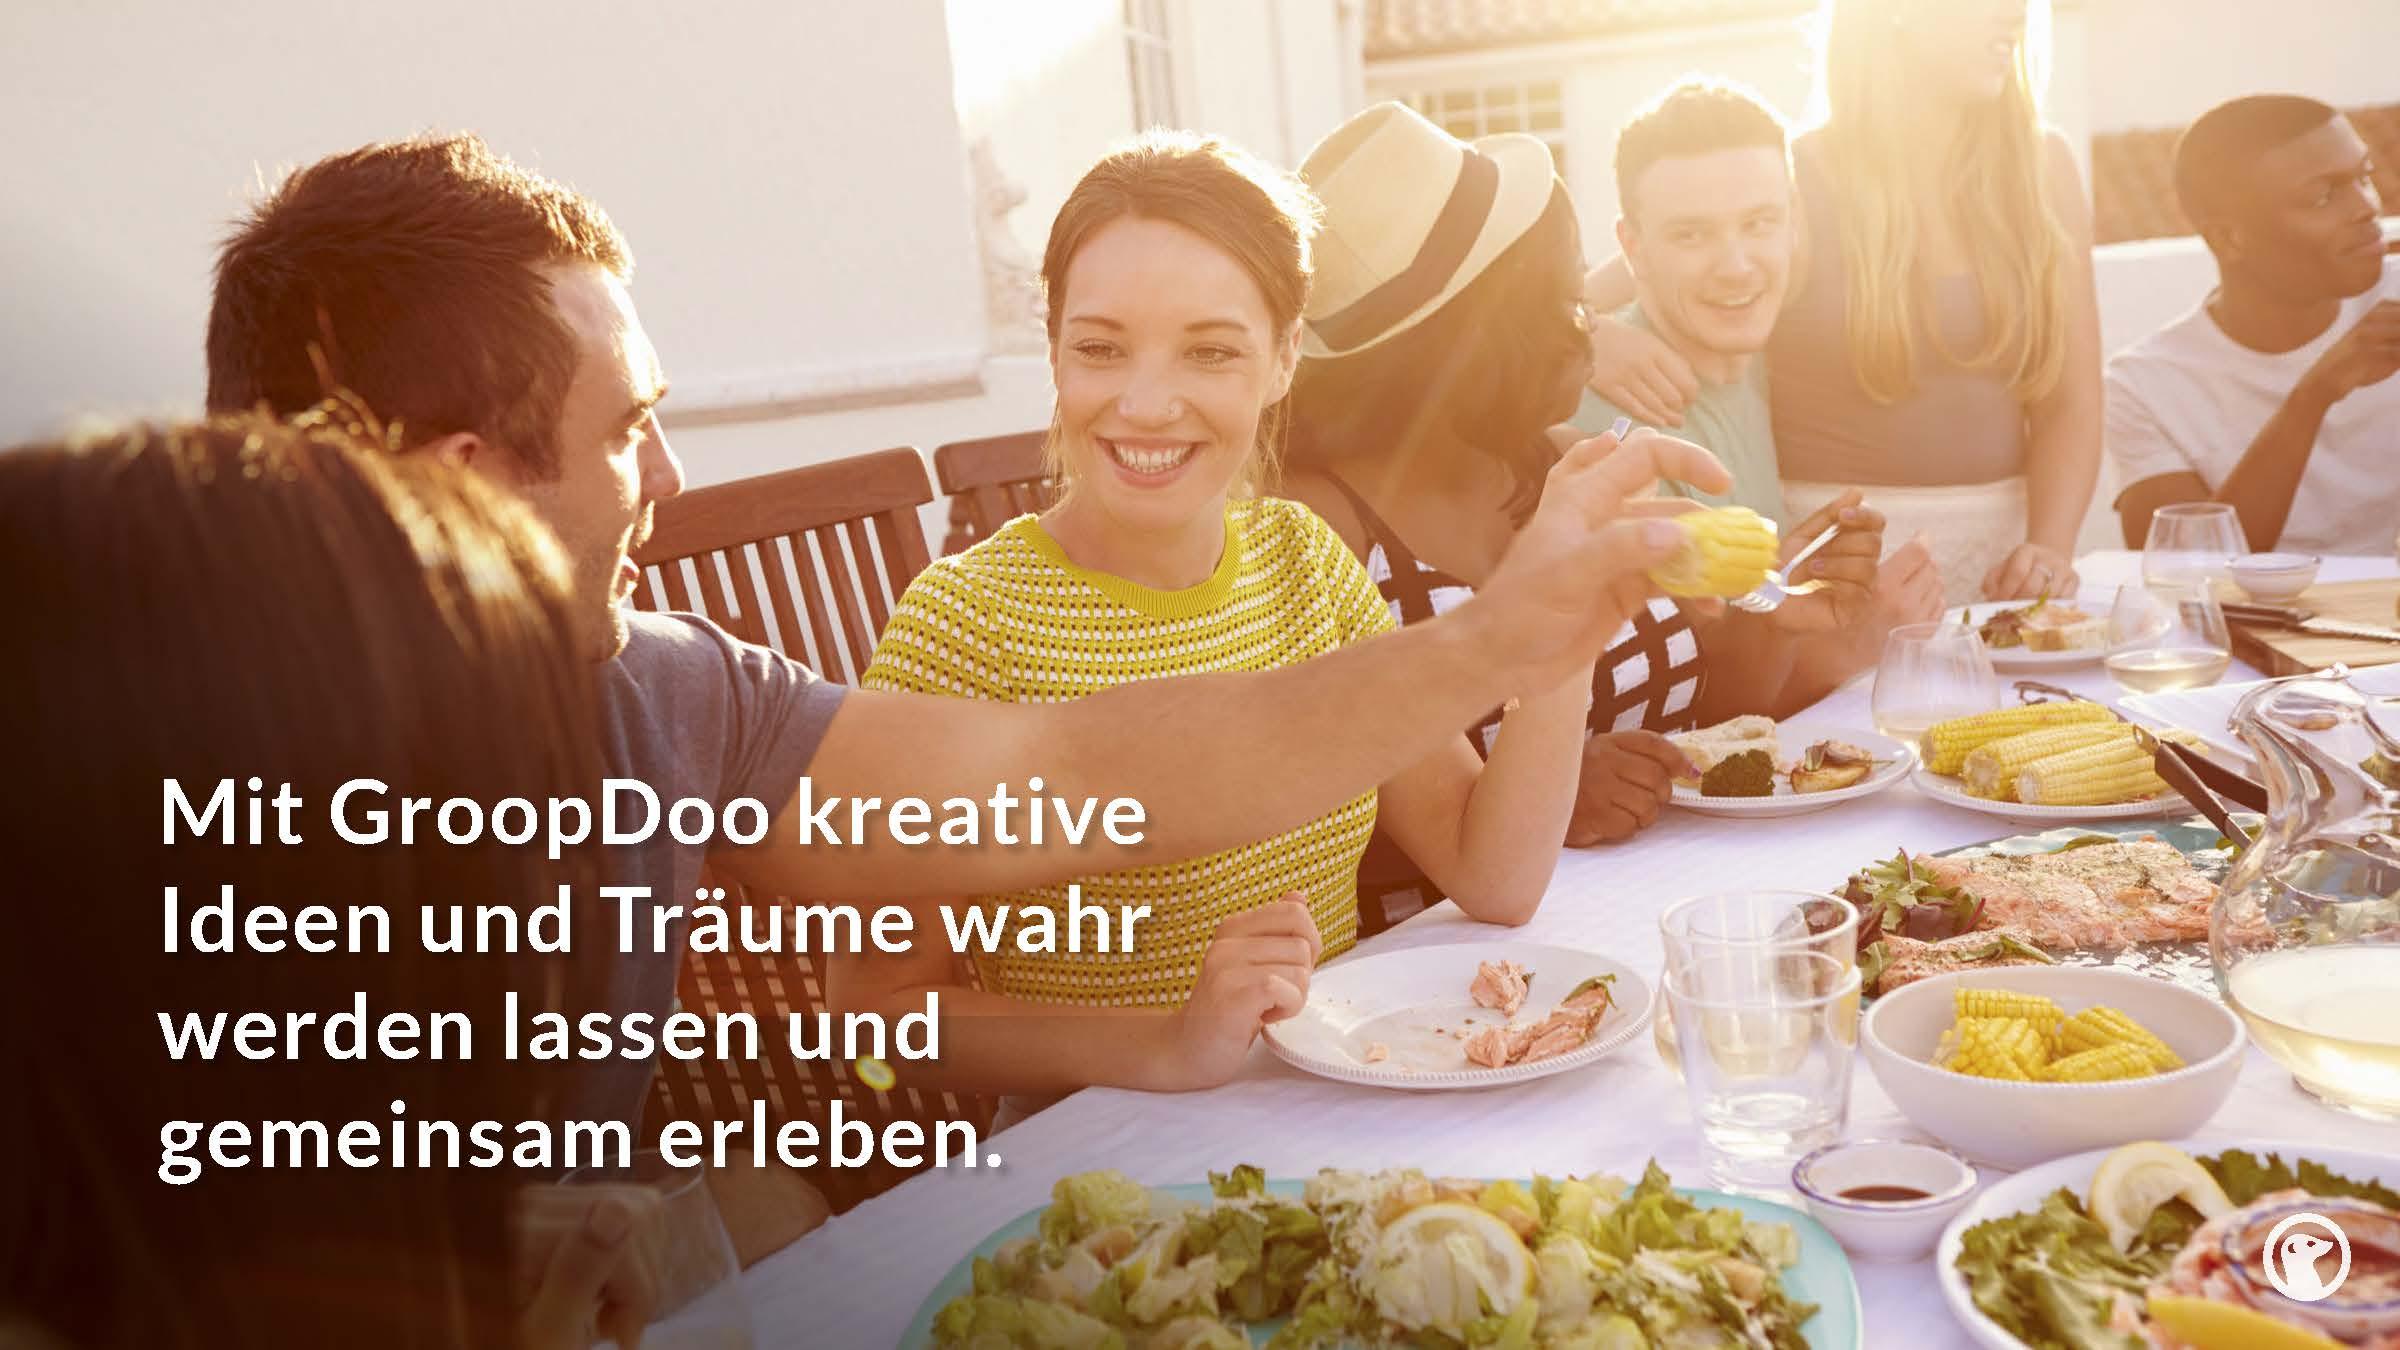 Mit GroopDoo kreative Ideen und träume wahr werden lassen und gemeinsam erleben